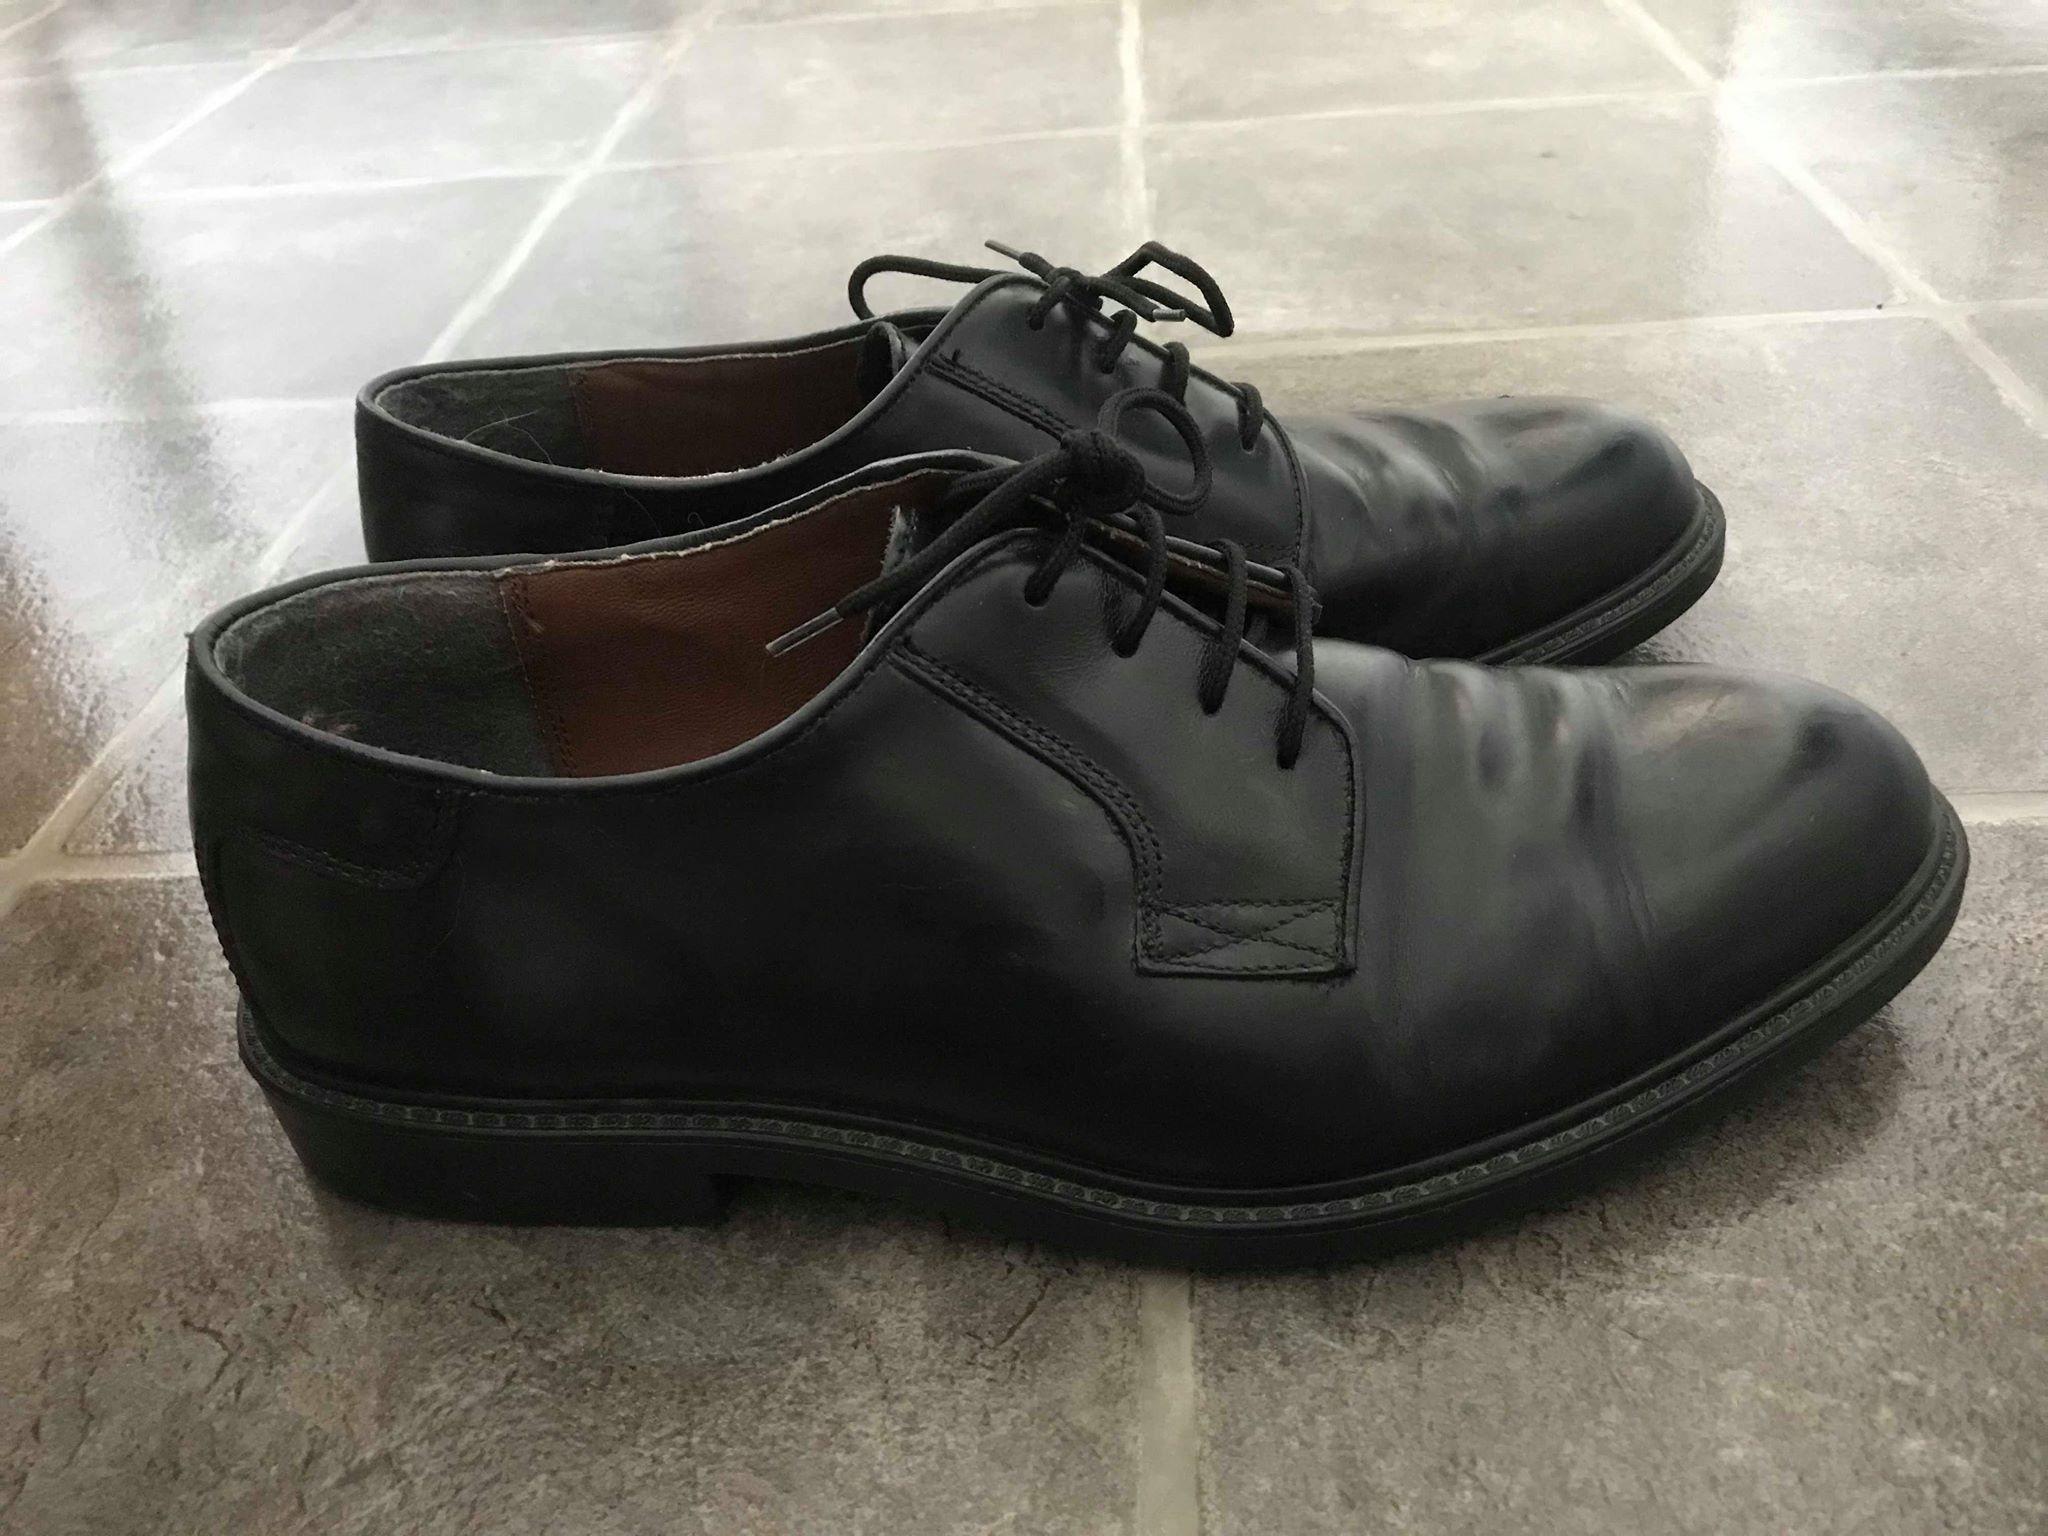 Svarta finskor fin skor (341881276) ᐈ Köp på Tradera b7279f246dee1